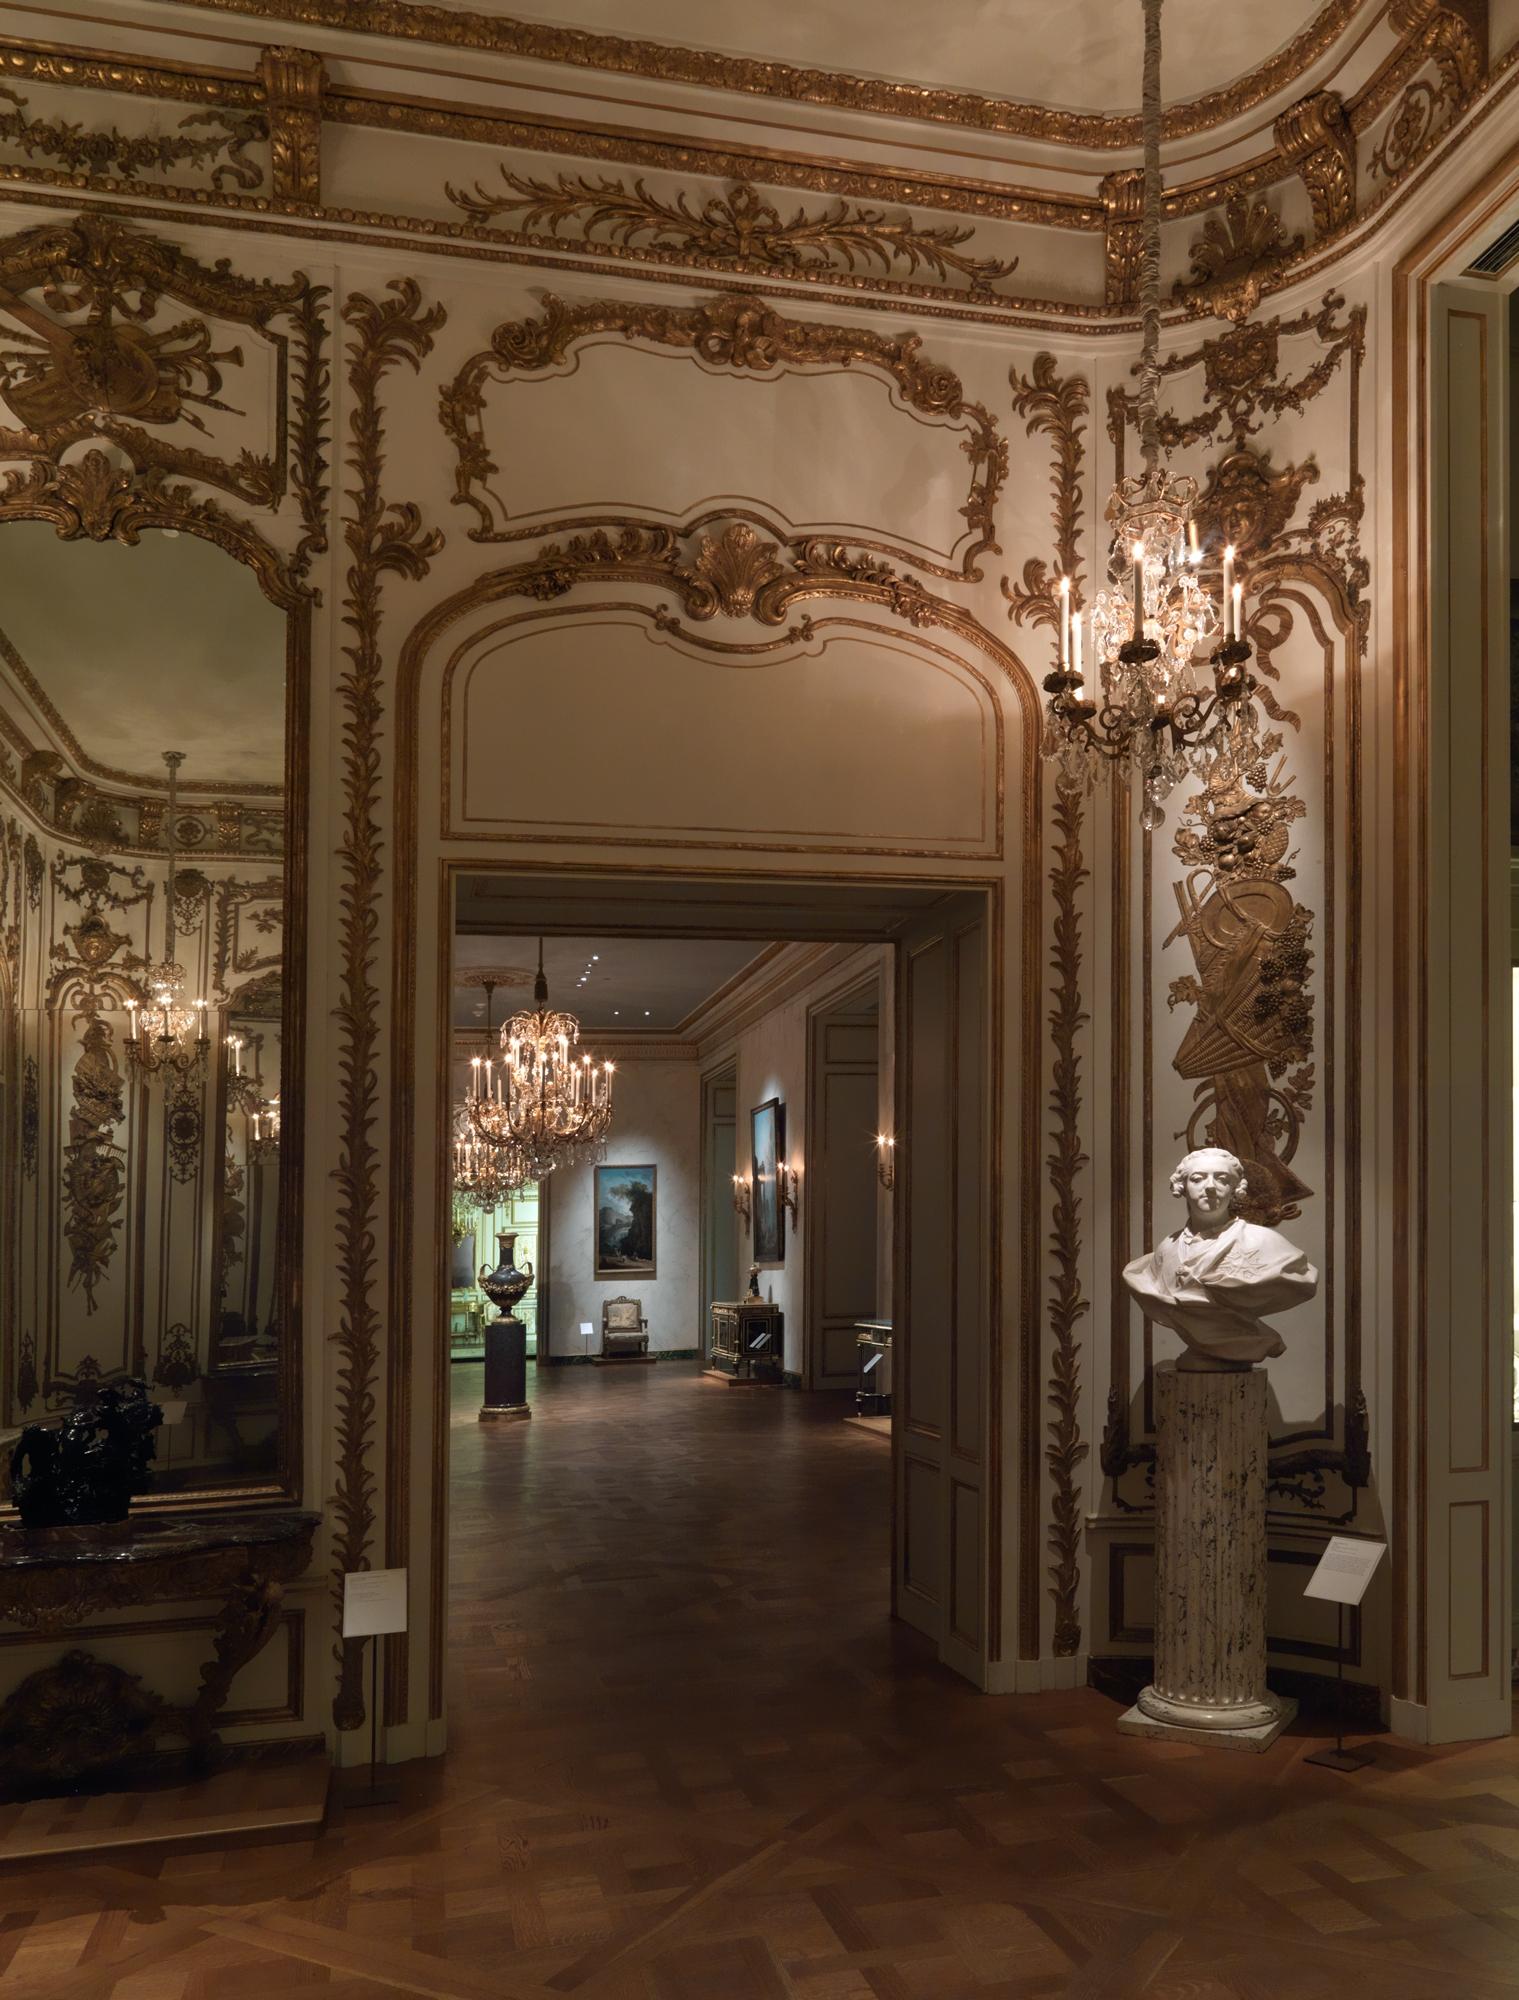 File Louis Xv 1710 1774 King Of France Met Dp158819 Jpg